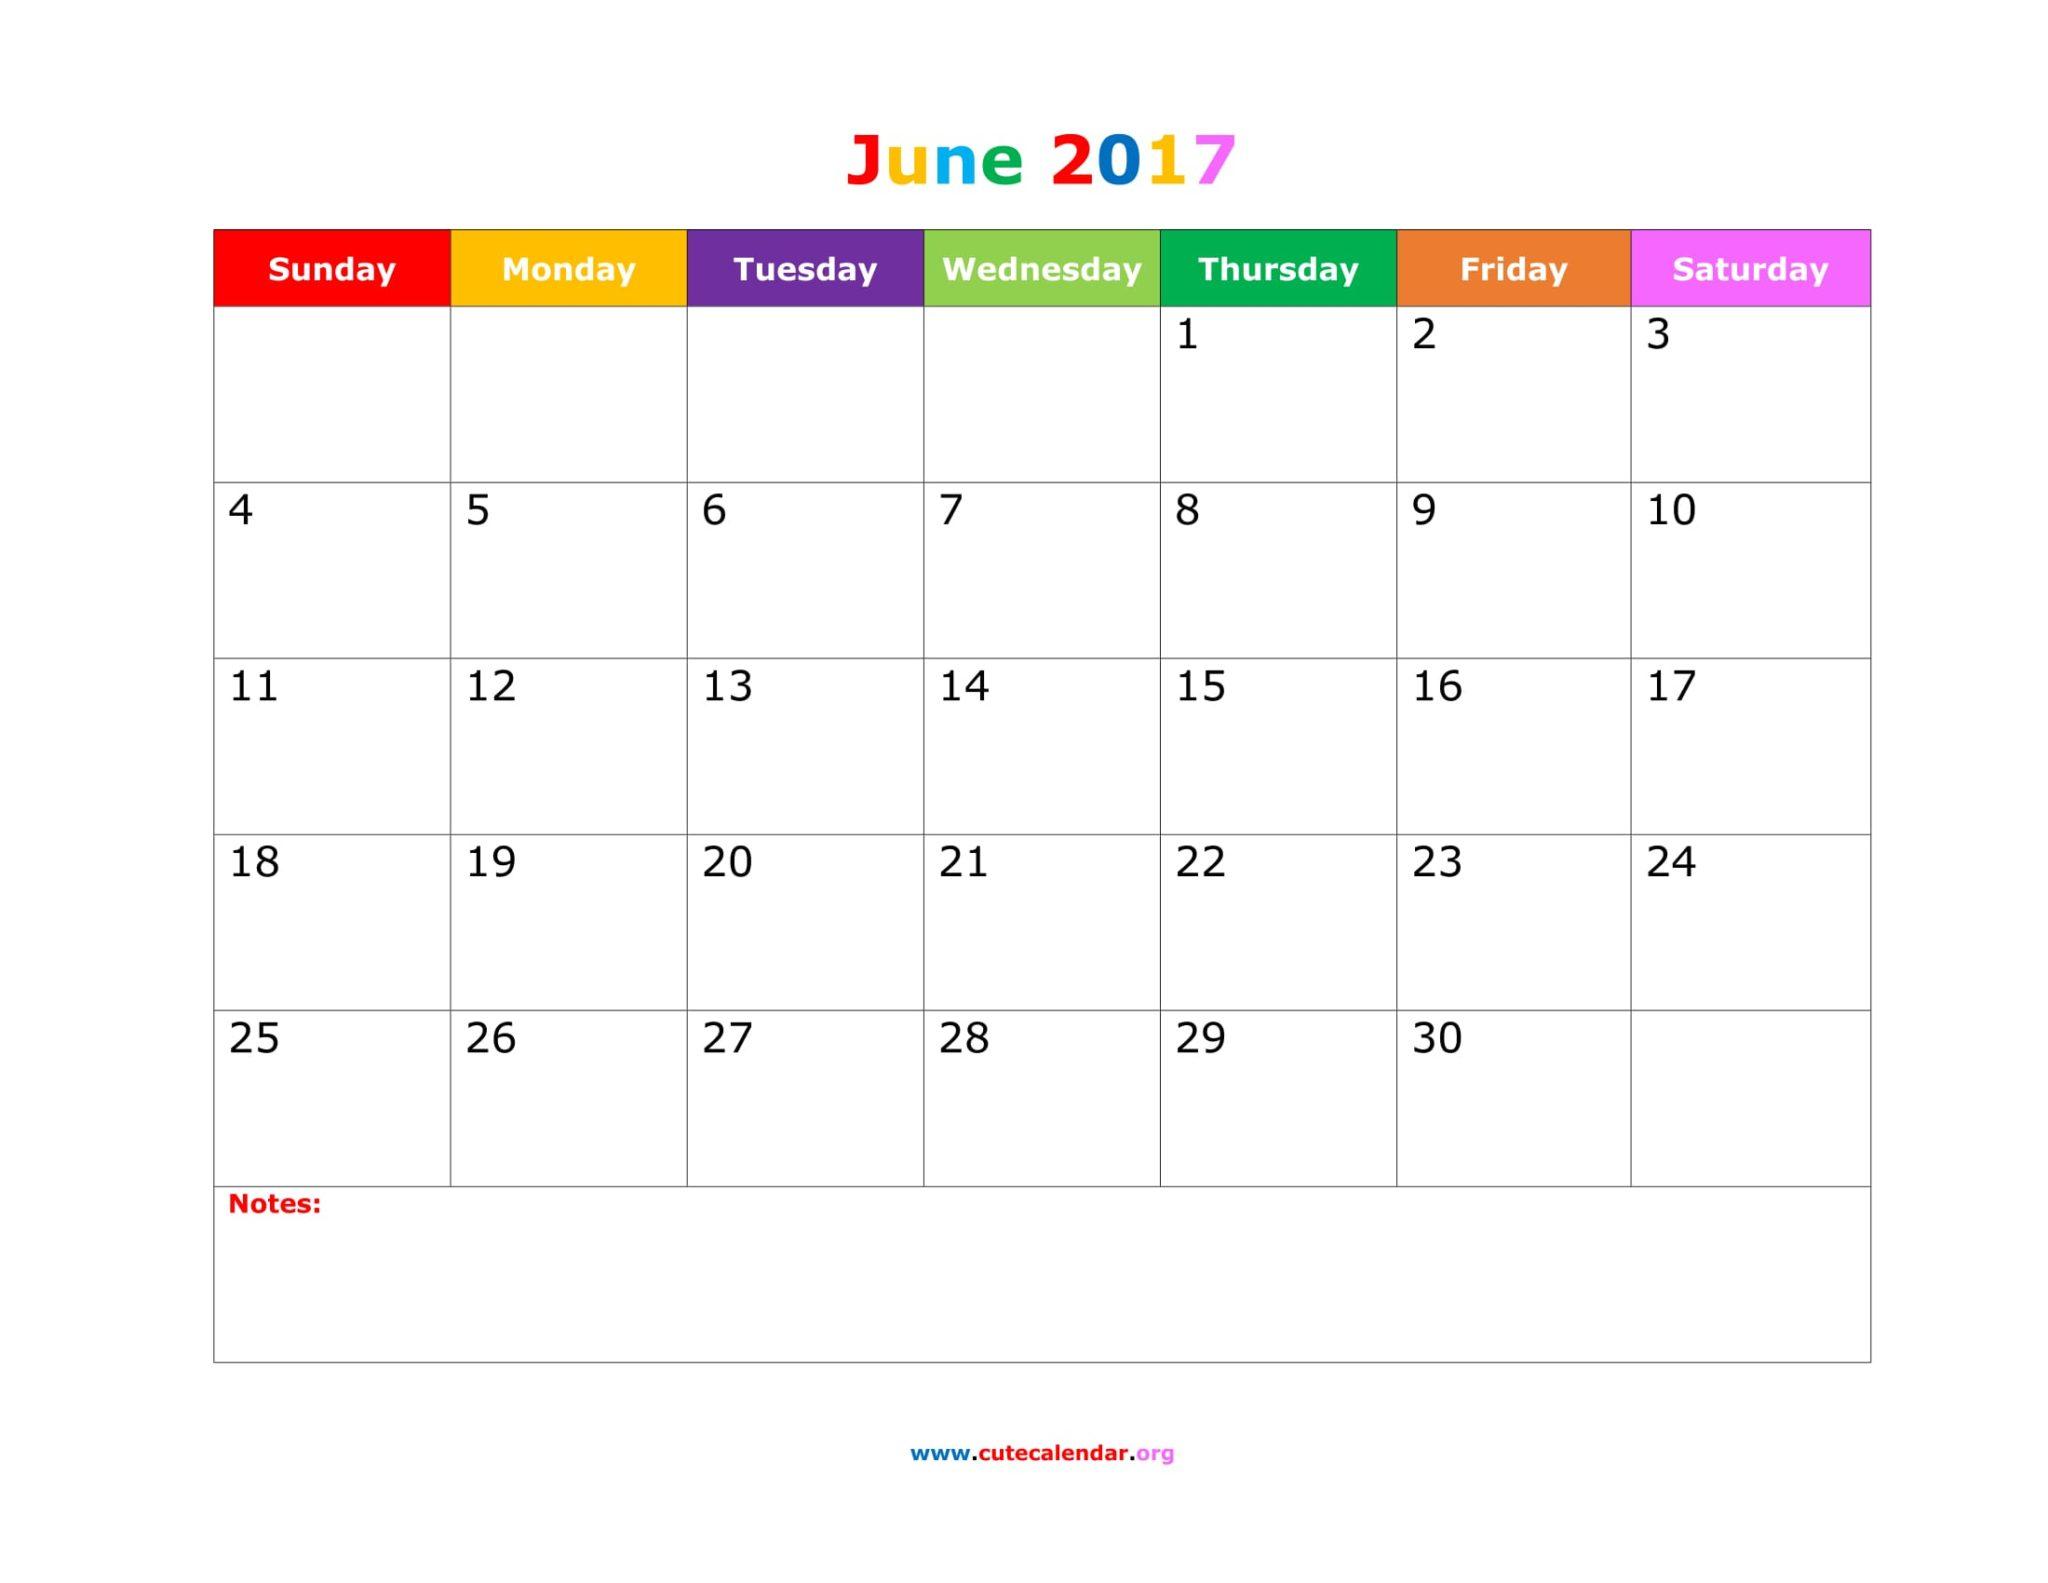 June Calendar 2017 Cute